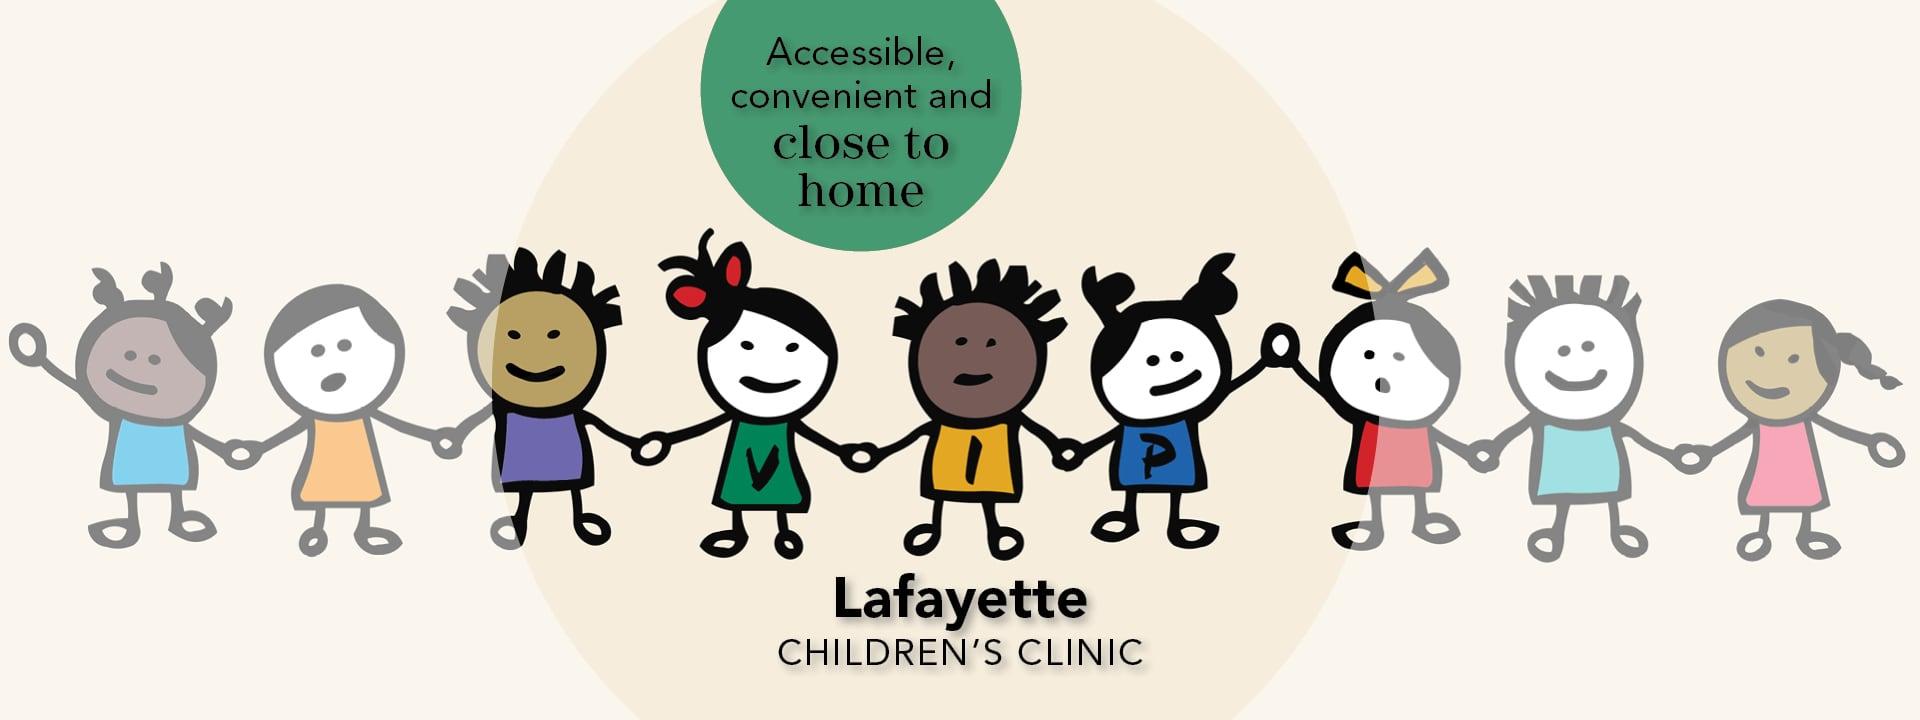 VIP Children's Clinics Children's Clinic Lafayette TN